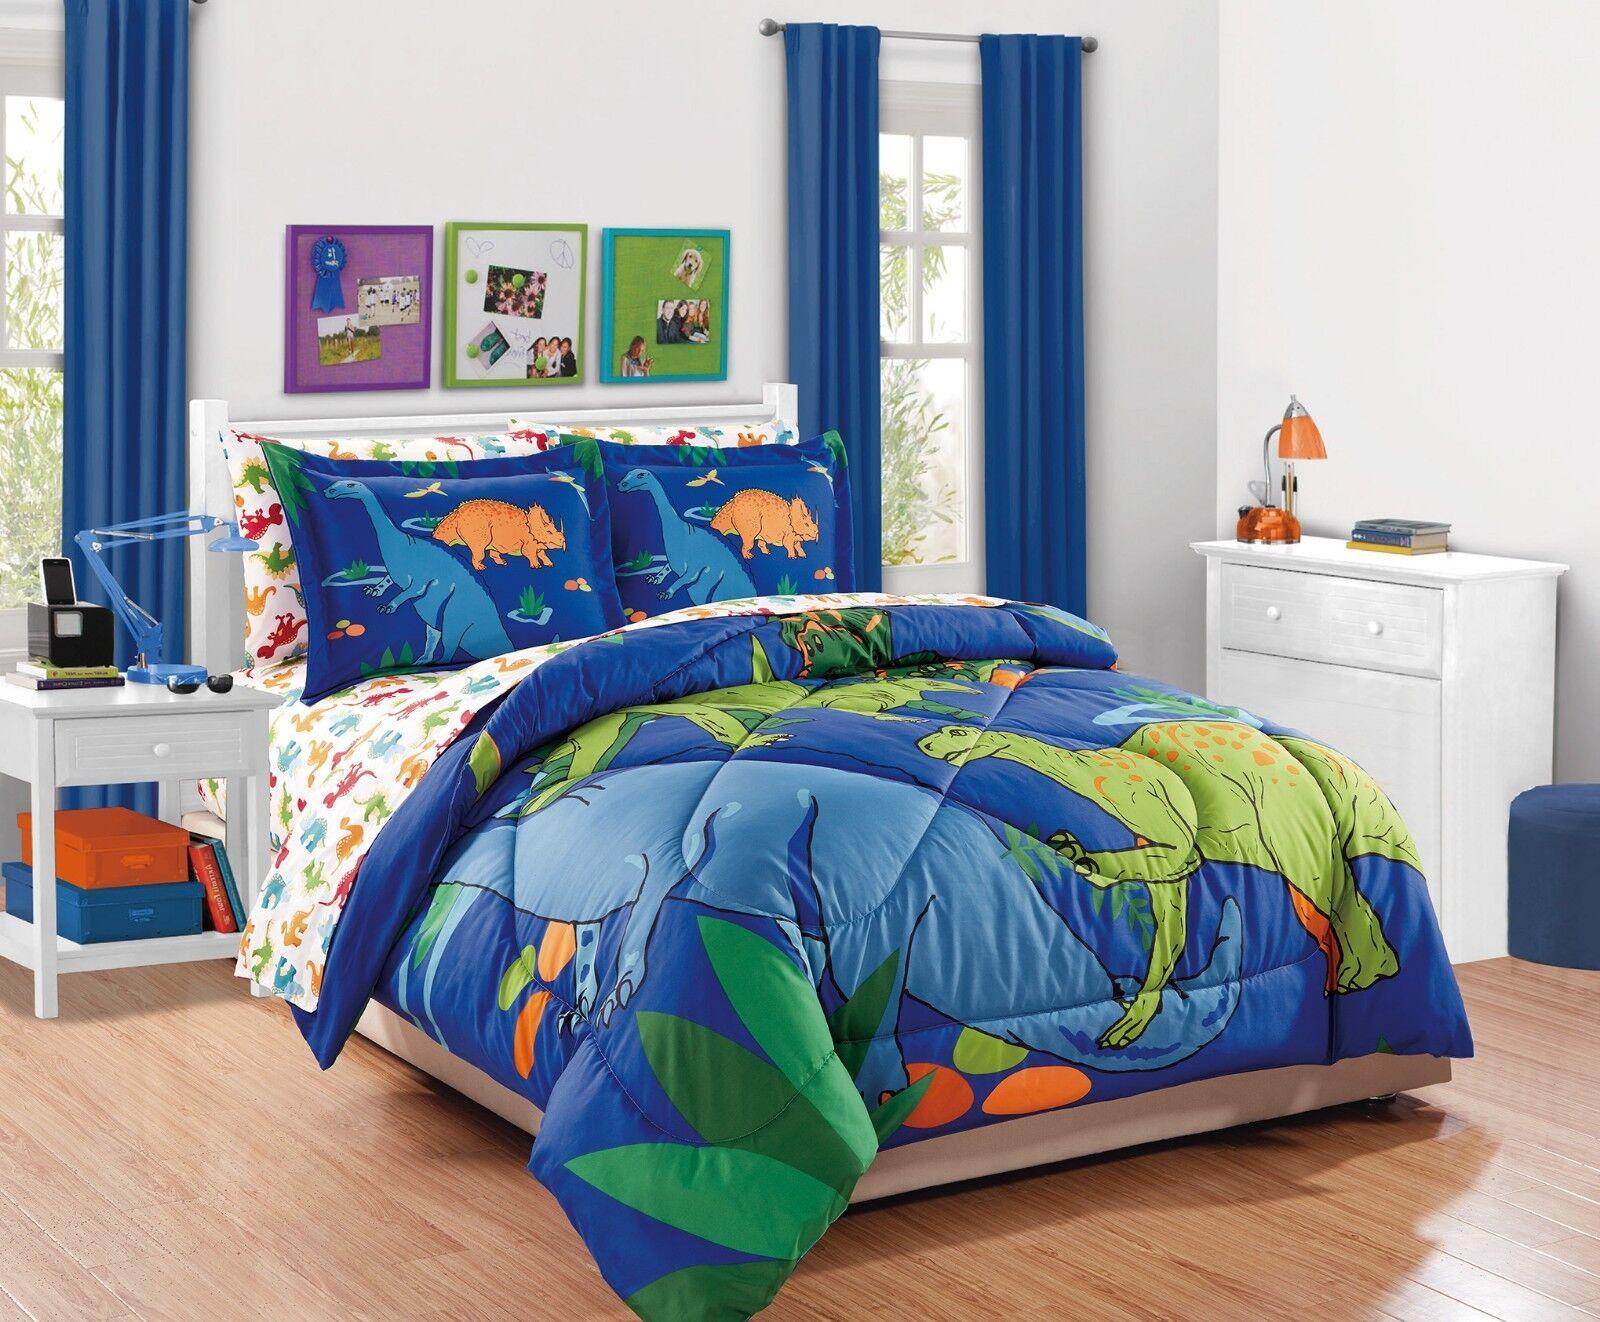 Fancy Linen 5pc Boys Twin Comforter Set Dinosaurs bluee Green orange New